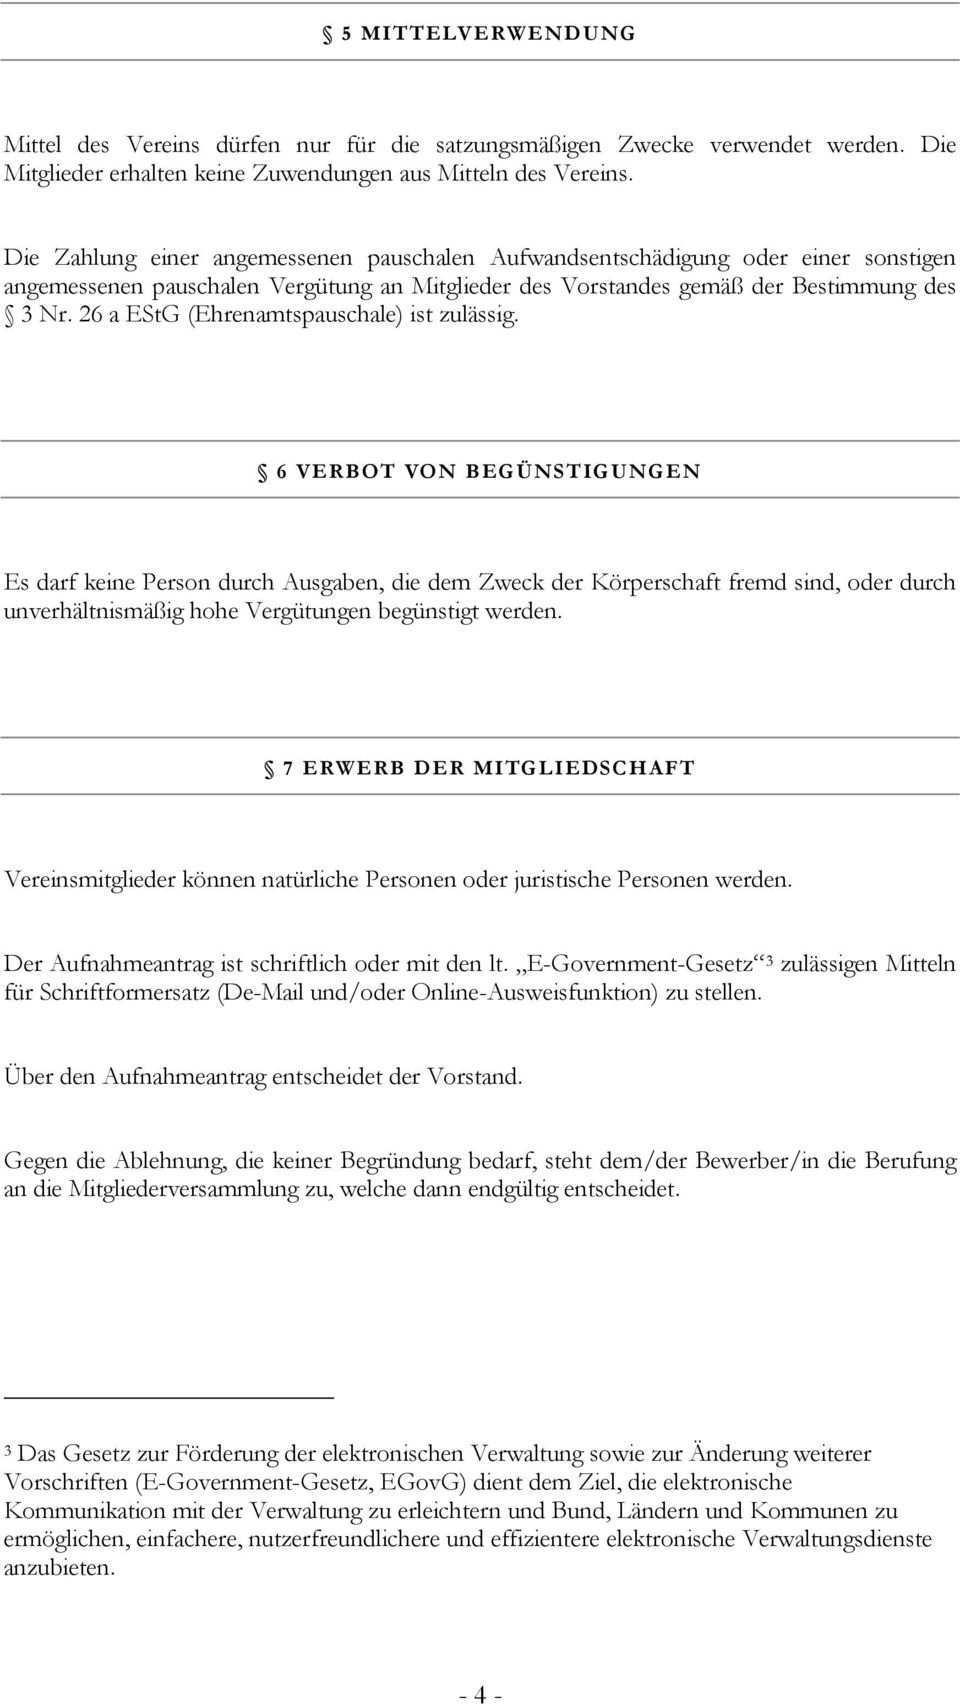 Buergerservice Org Satzung Fur Den Gemeinnutzigen Verein Buergerservice Org Pdf Free Download